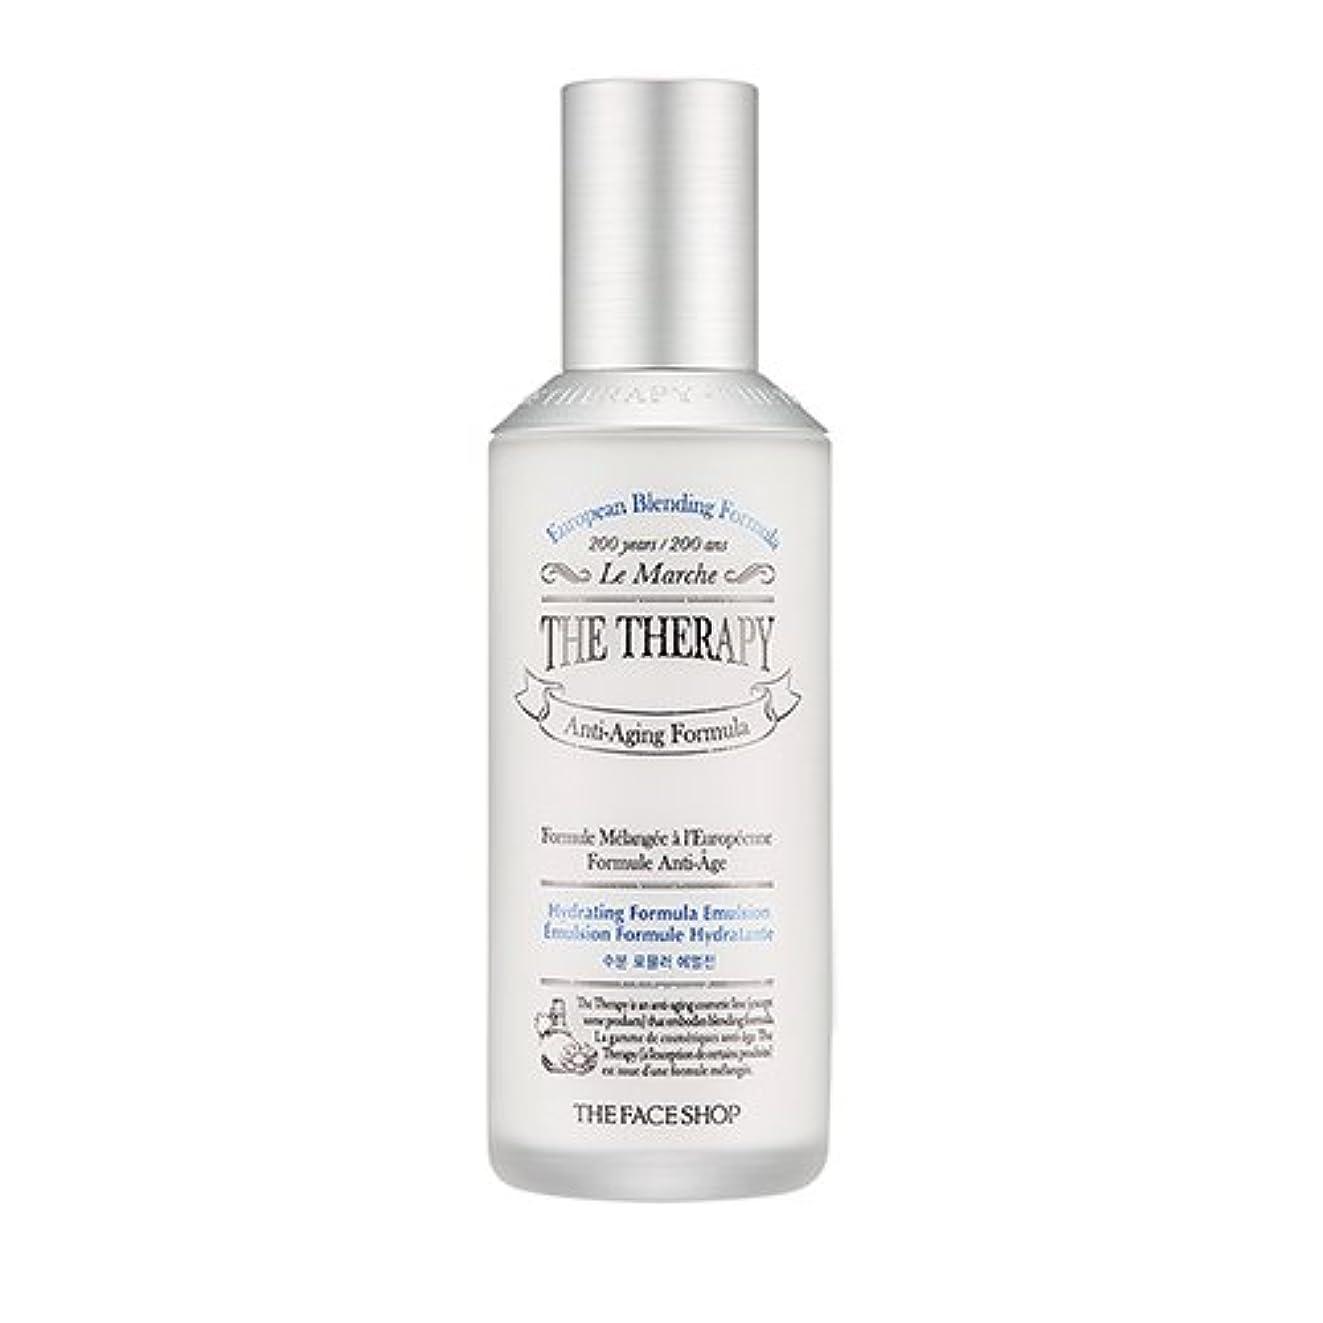 マザーランド証言ひどくTHE FACE SHOP The Therapy Hydrating Formula Emulsion 130ml/ザフェイスショップ ザ セラピー ハイドレーティング フォーミュラ エマルジョン 130ml